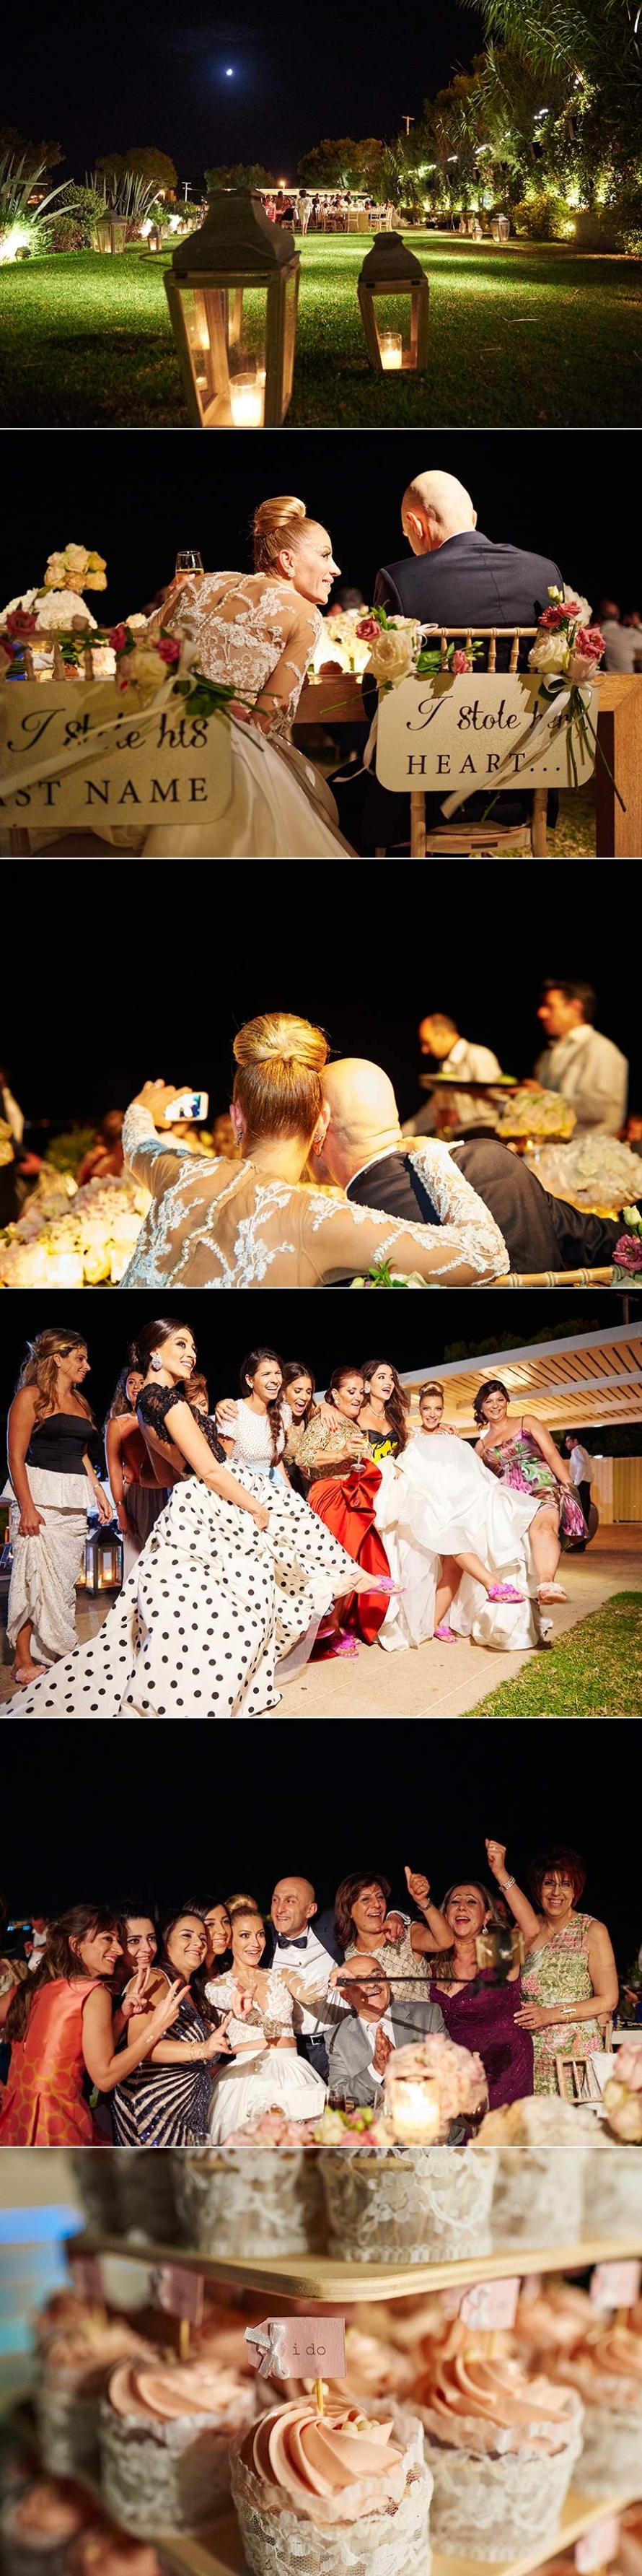 Fady Rana wedding photo 18